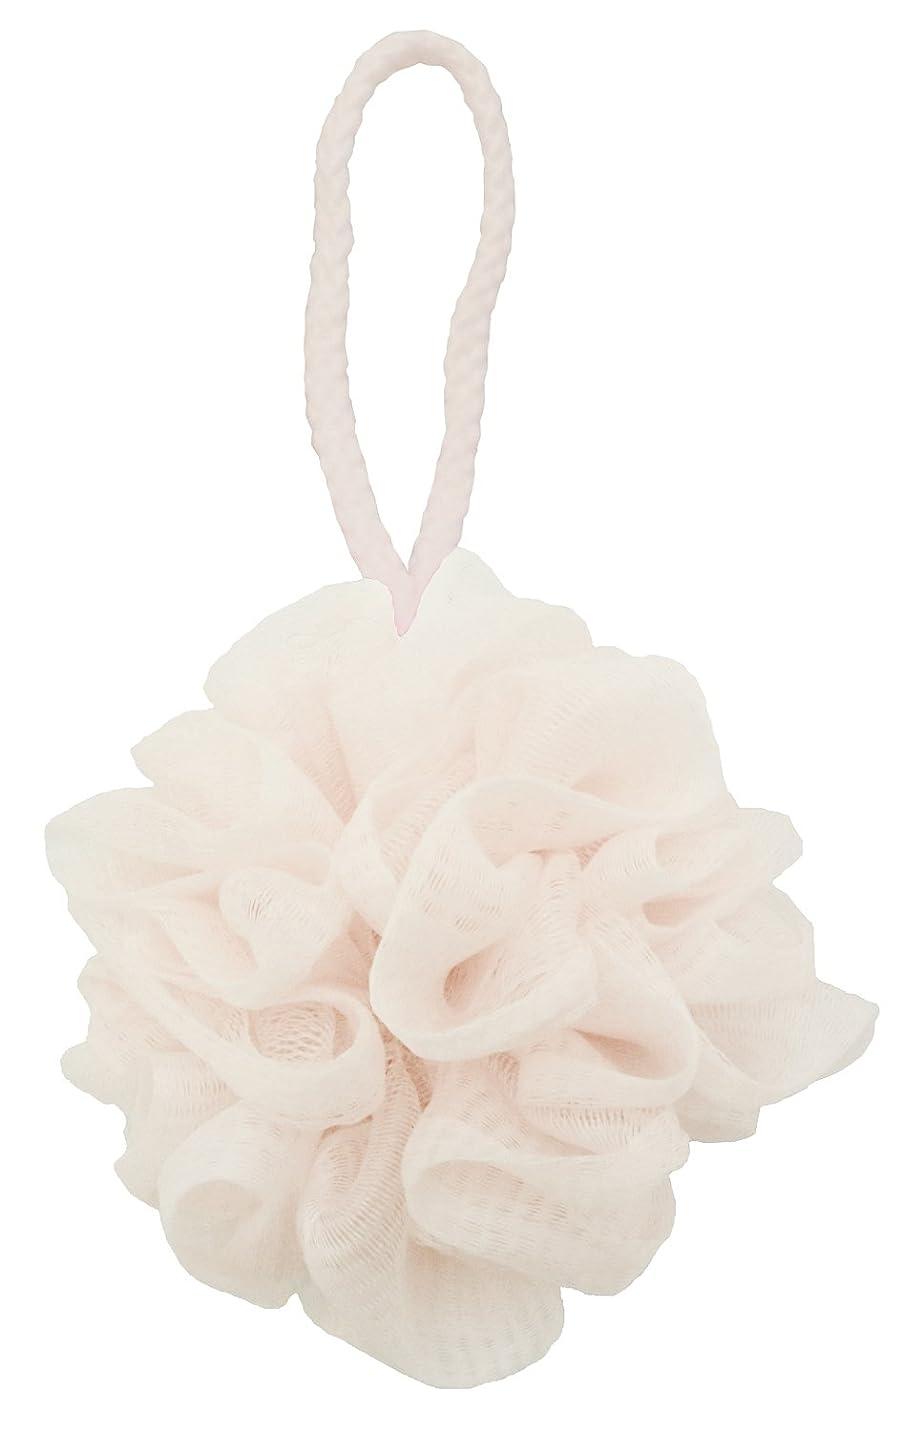 経済ウェイターパールセント?ローレ 泡立てネット 泡肌美人 ふわわん 花形 ホワイト SL262